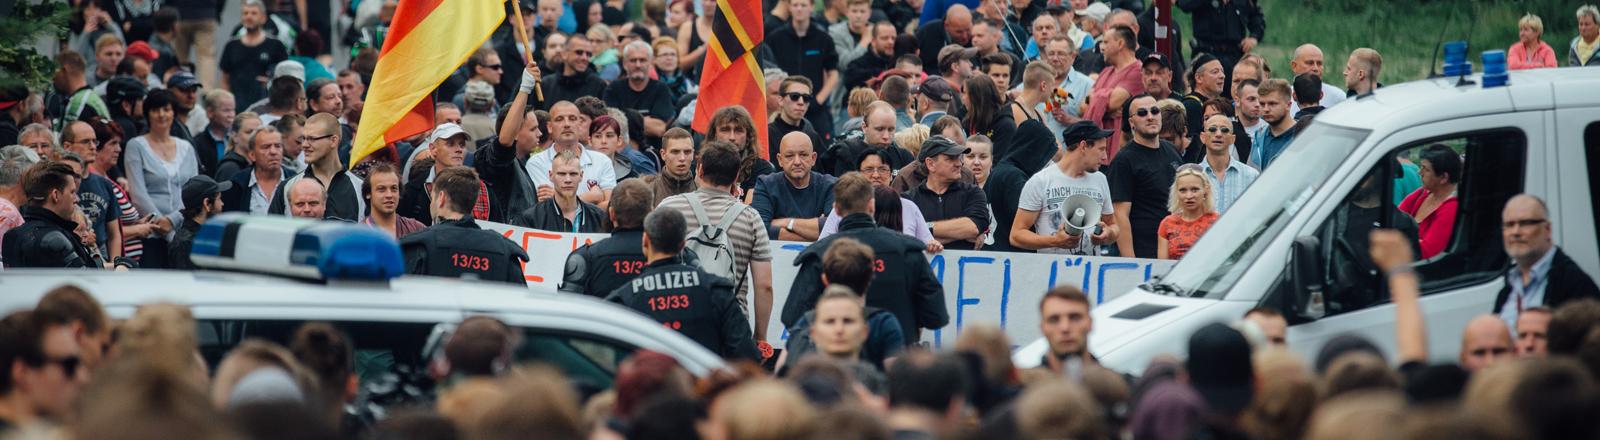 Gegner der Flüchtlingsunterkunft stehen am 26.06.2015 in Freital (Sachsen) in der Nähe des ehemaligen Leonardo-Hotels, das jetzt als Flüchtlingsheim dient.